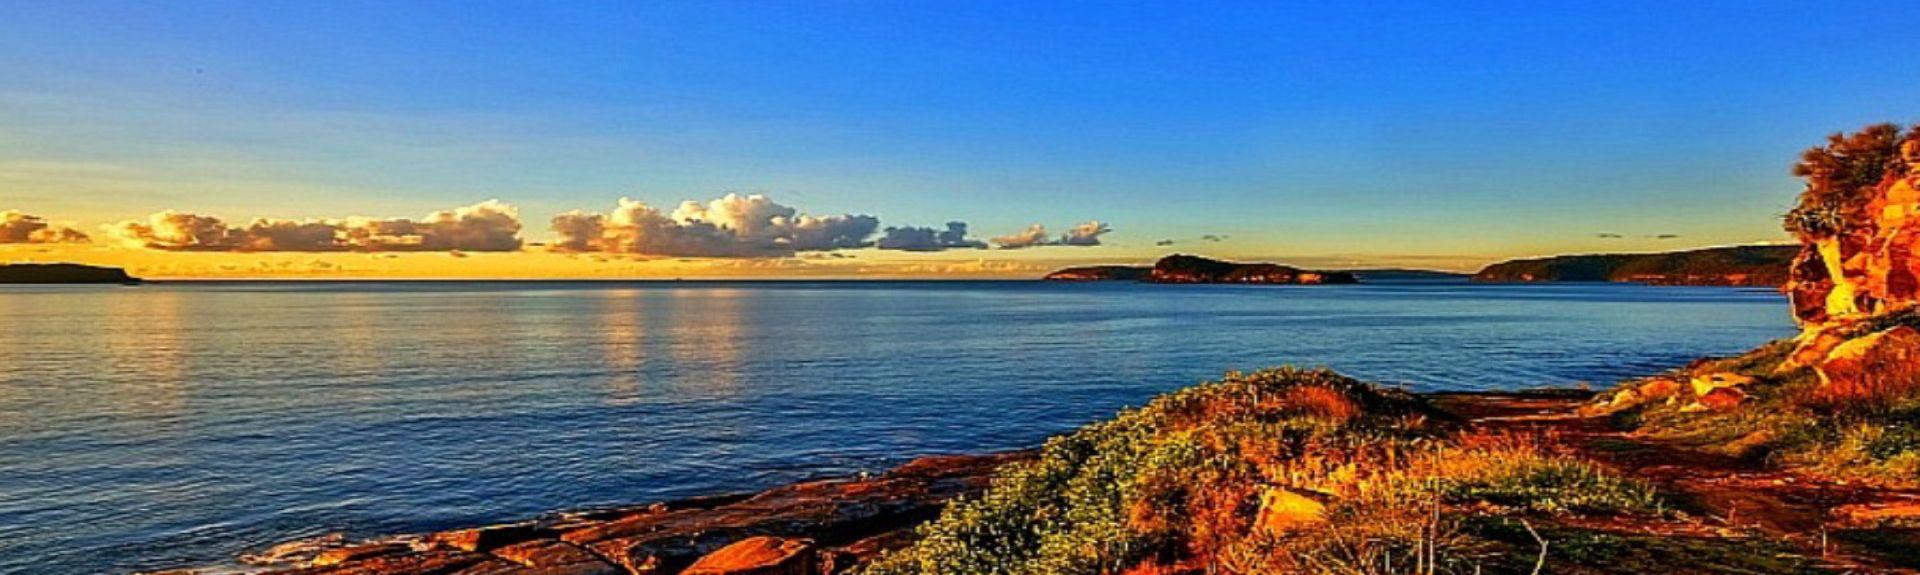 Plage de Magenta Shores, Magenta Shores, Nouvelle-Galles-du-Sud, Australie